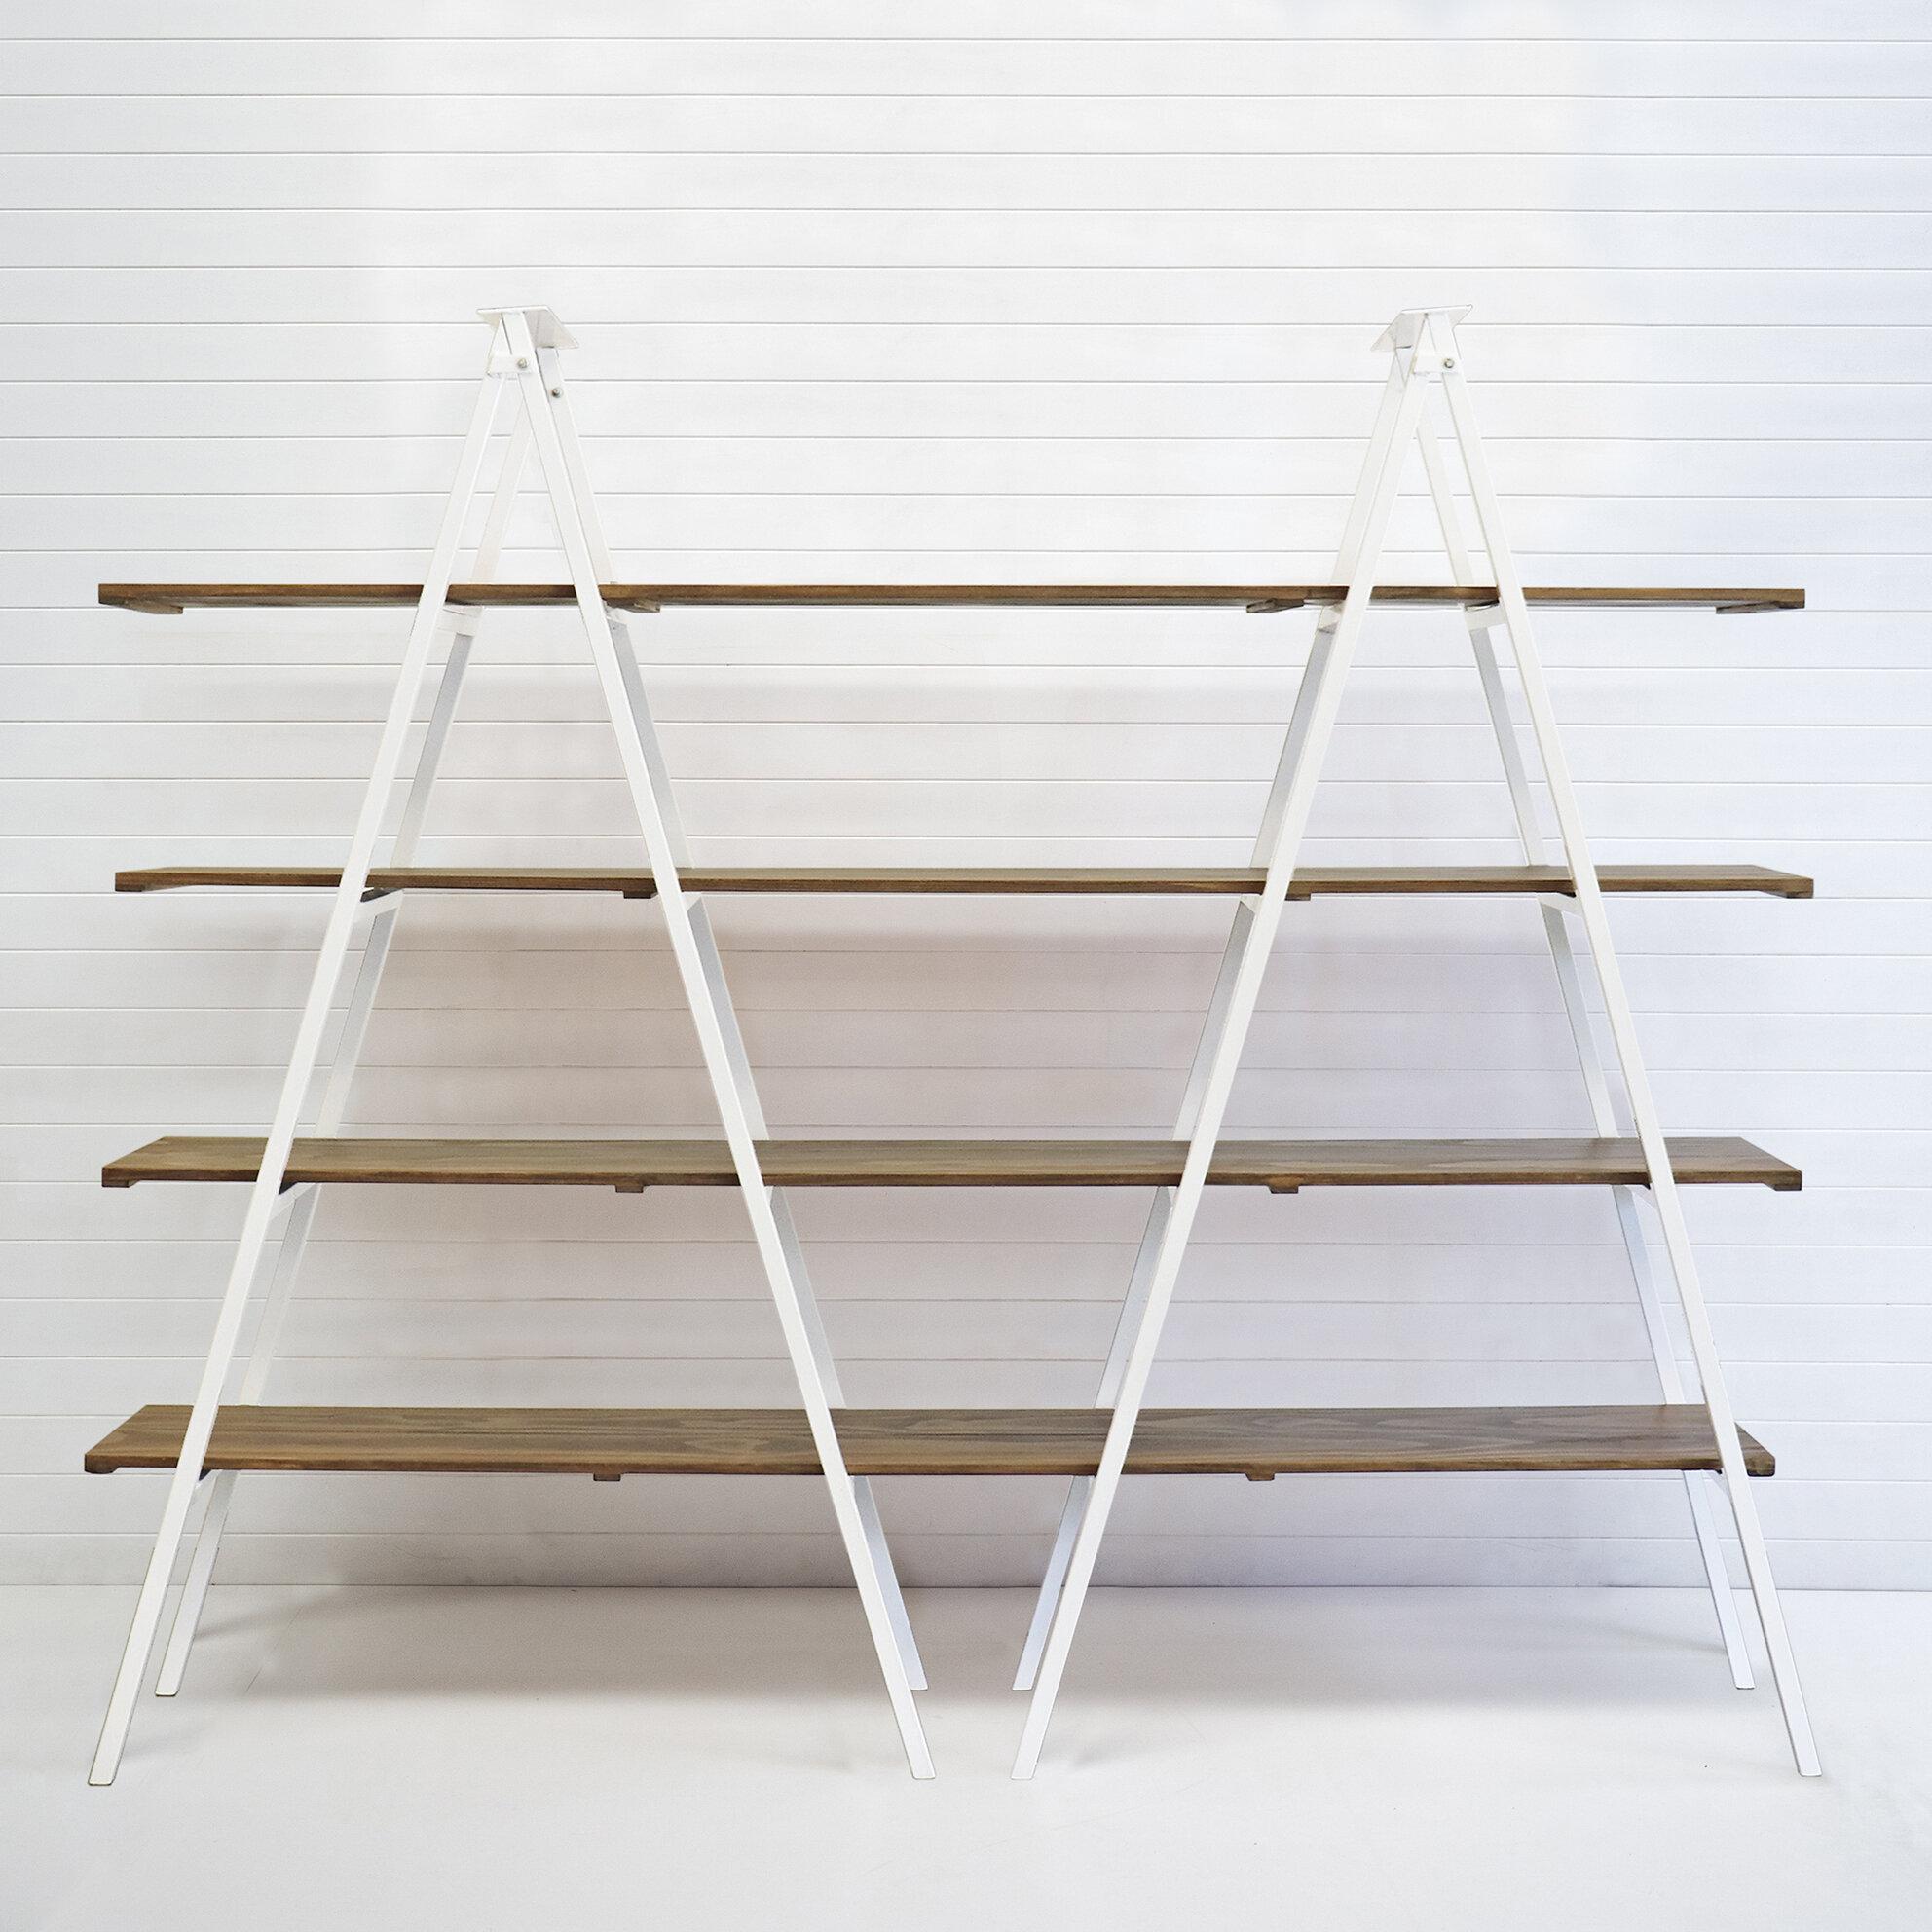 White a-frame shelving(new).jpg